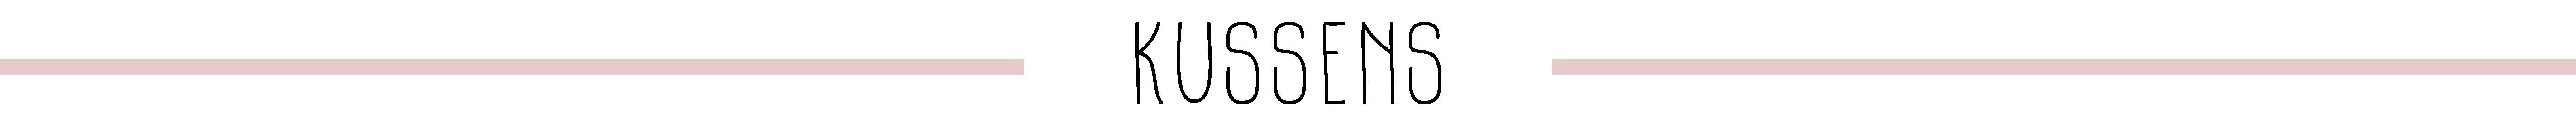 Titels - kussens-desktop